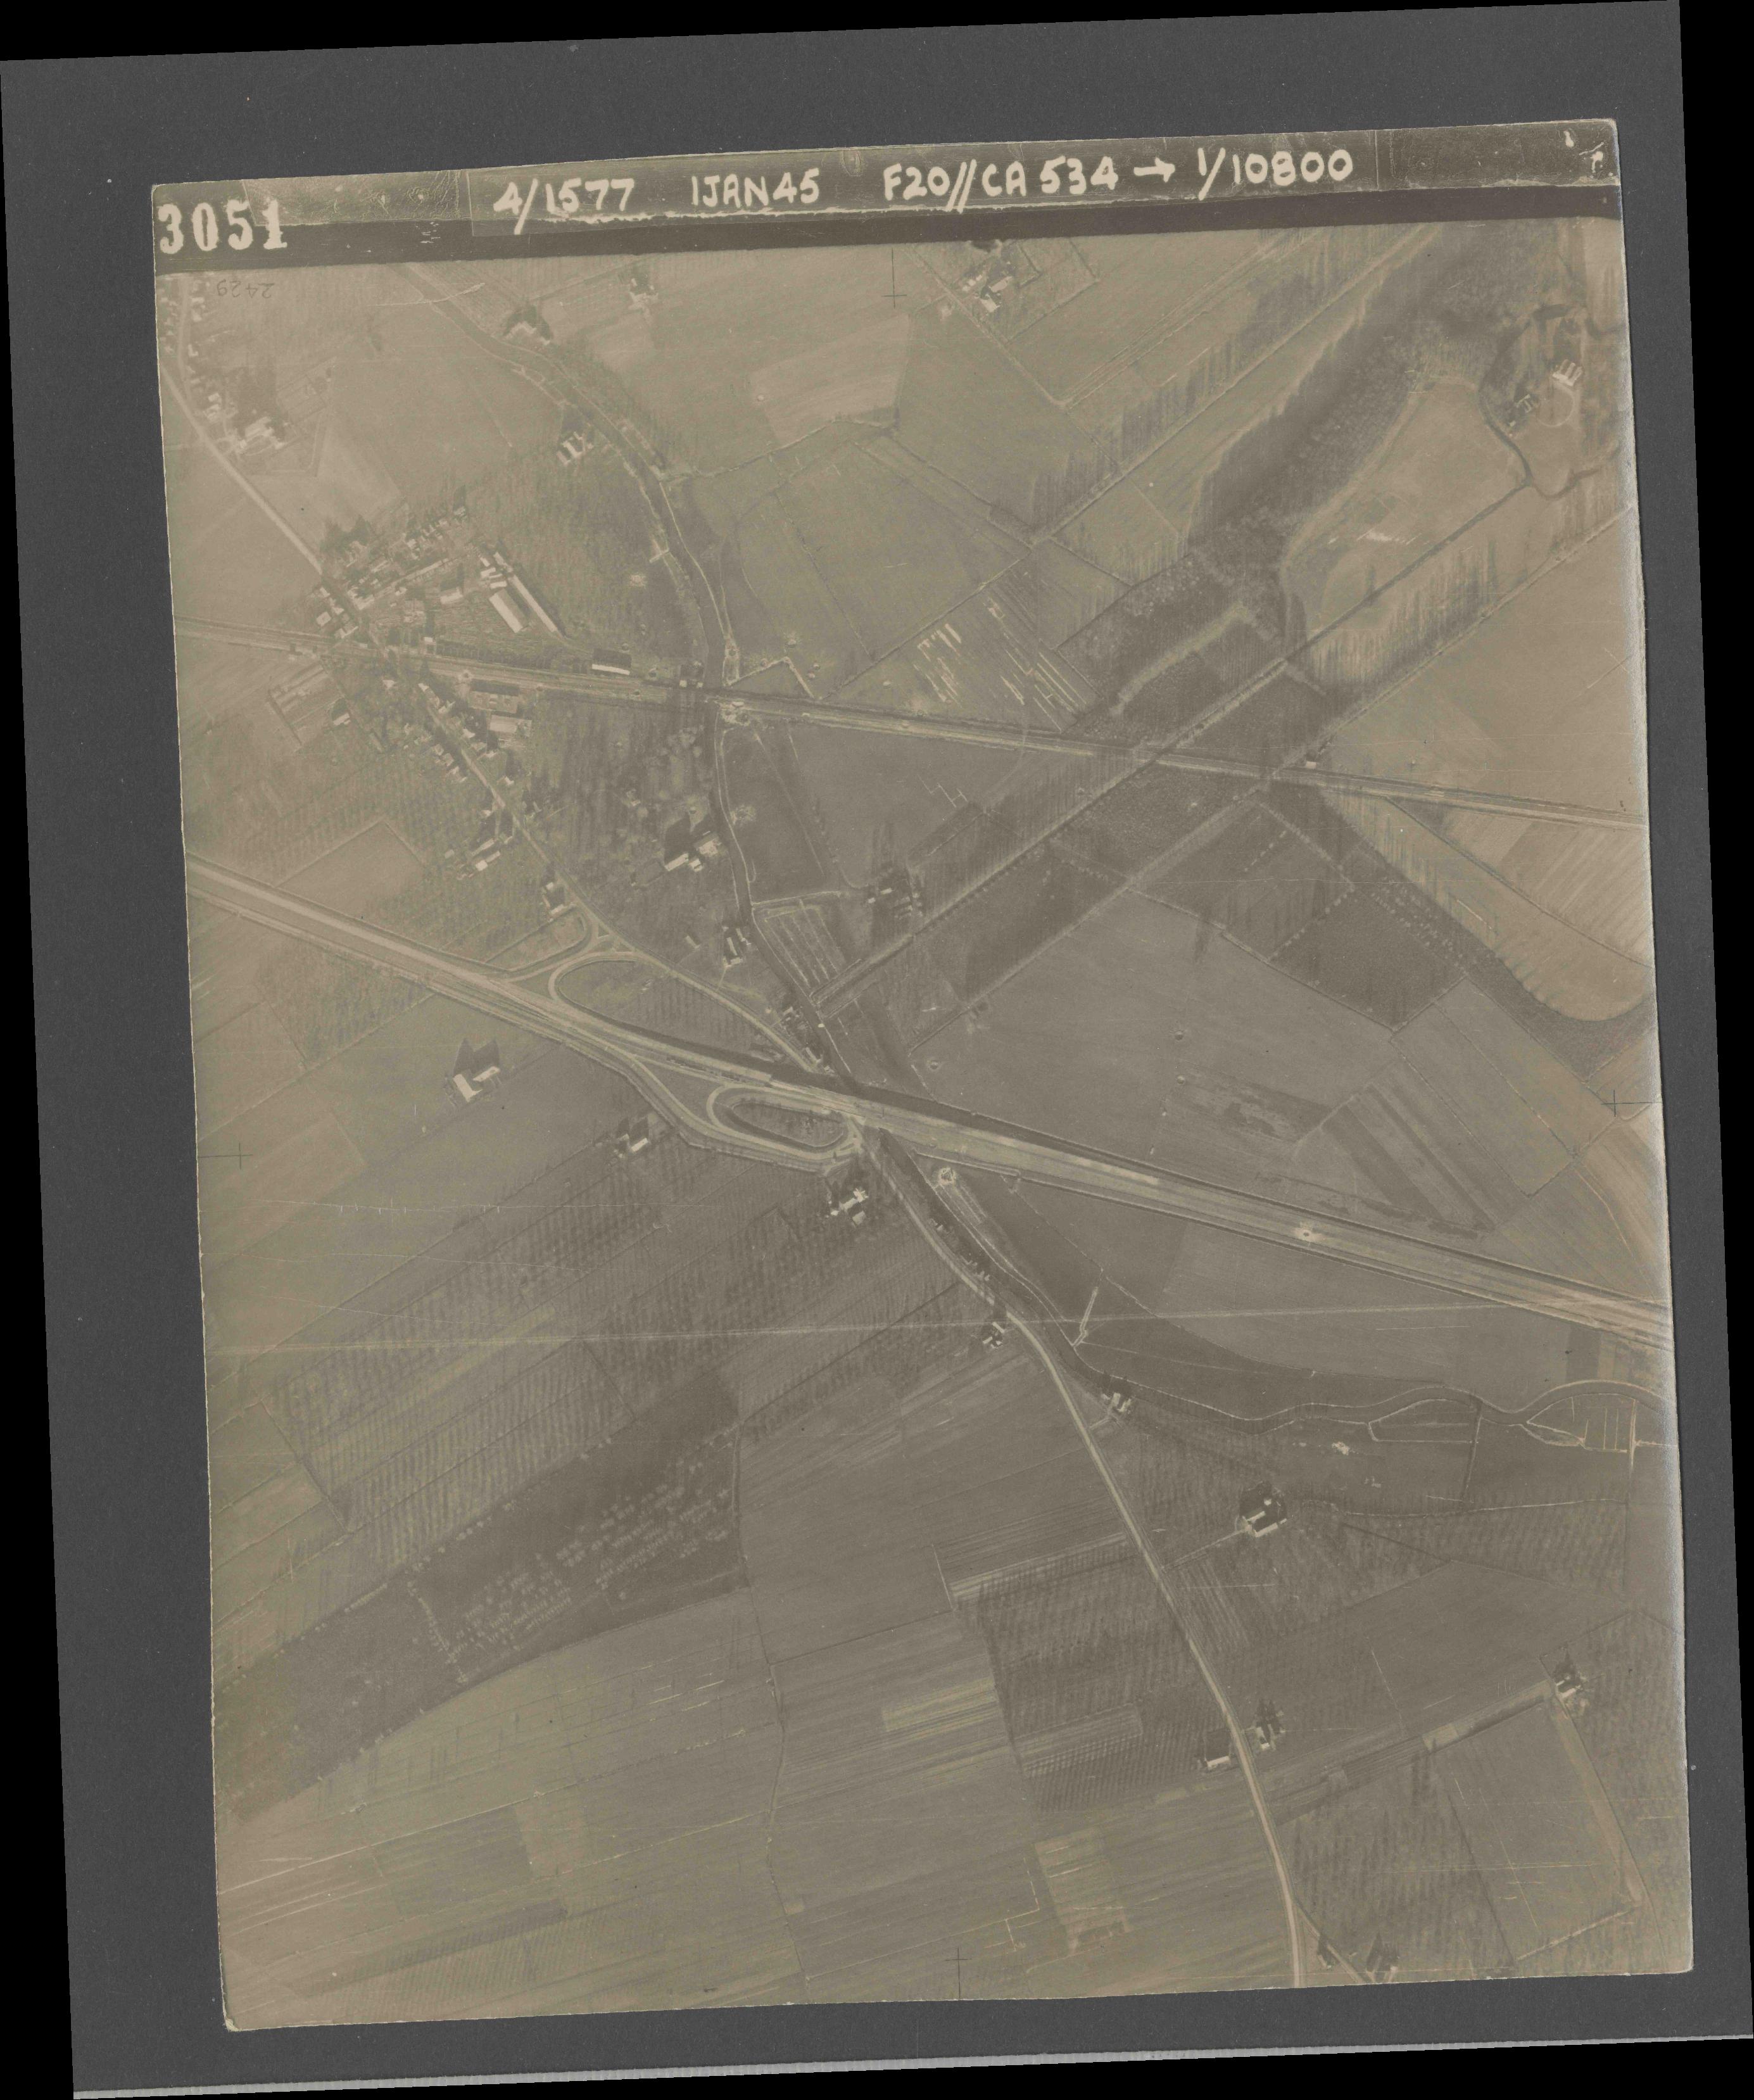 Collection RAF aerial photos 1940-1945 - flight 105, run 03, photo 3051